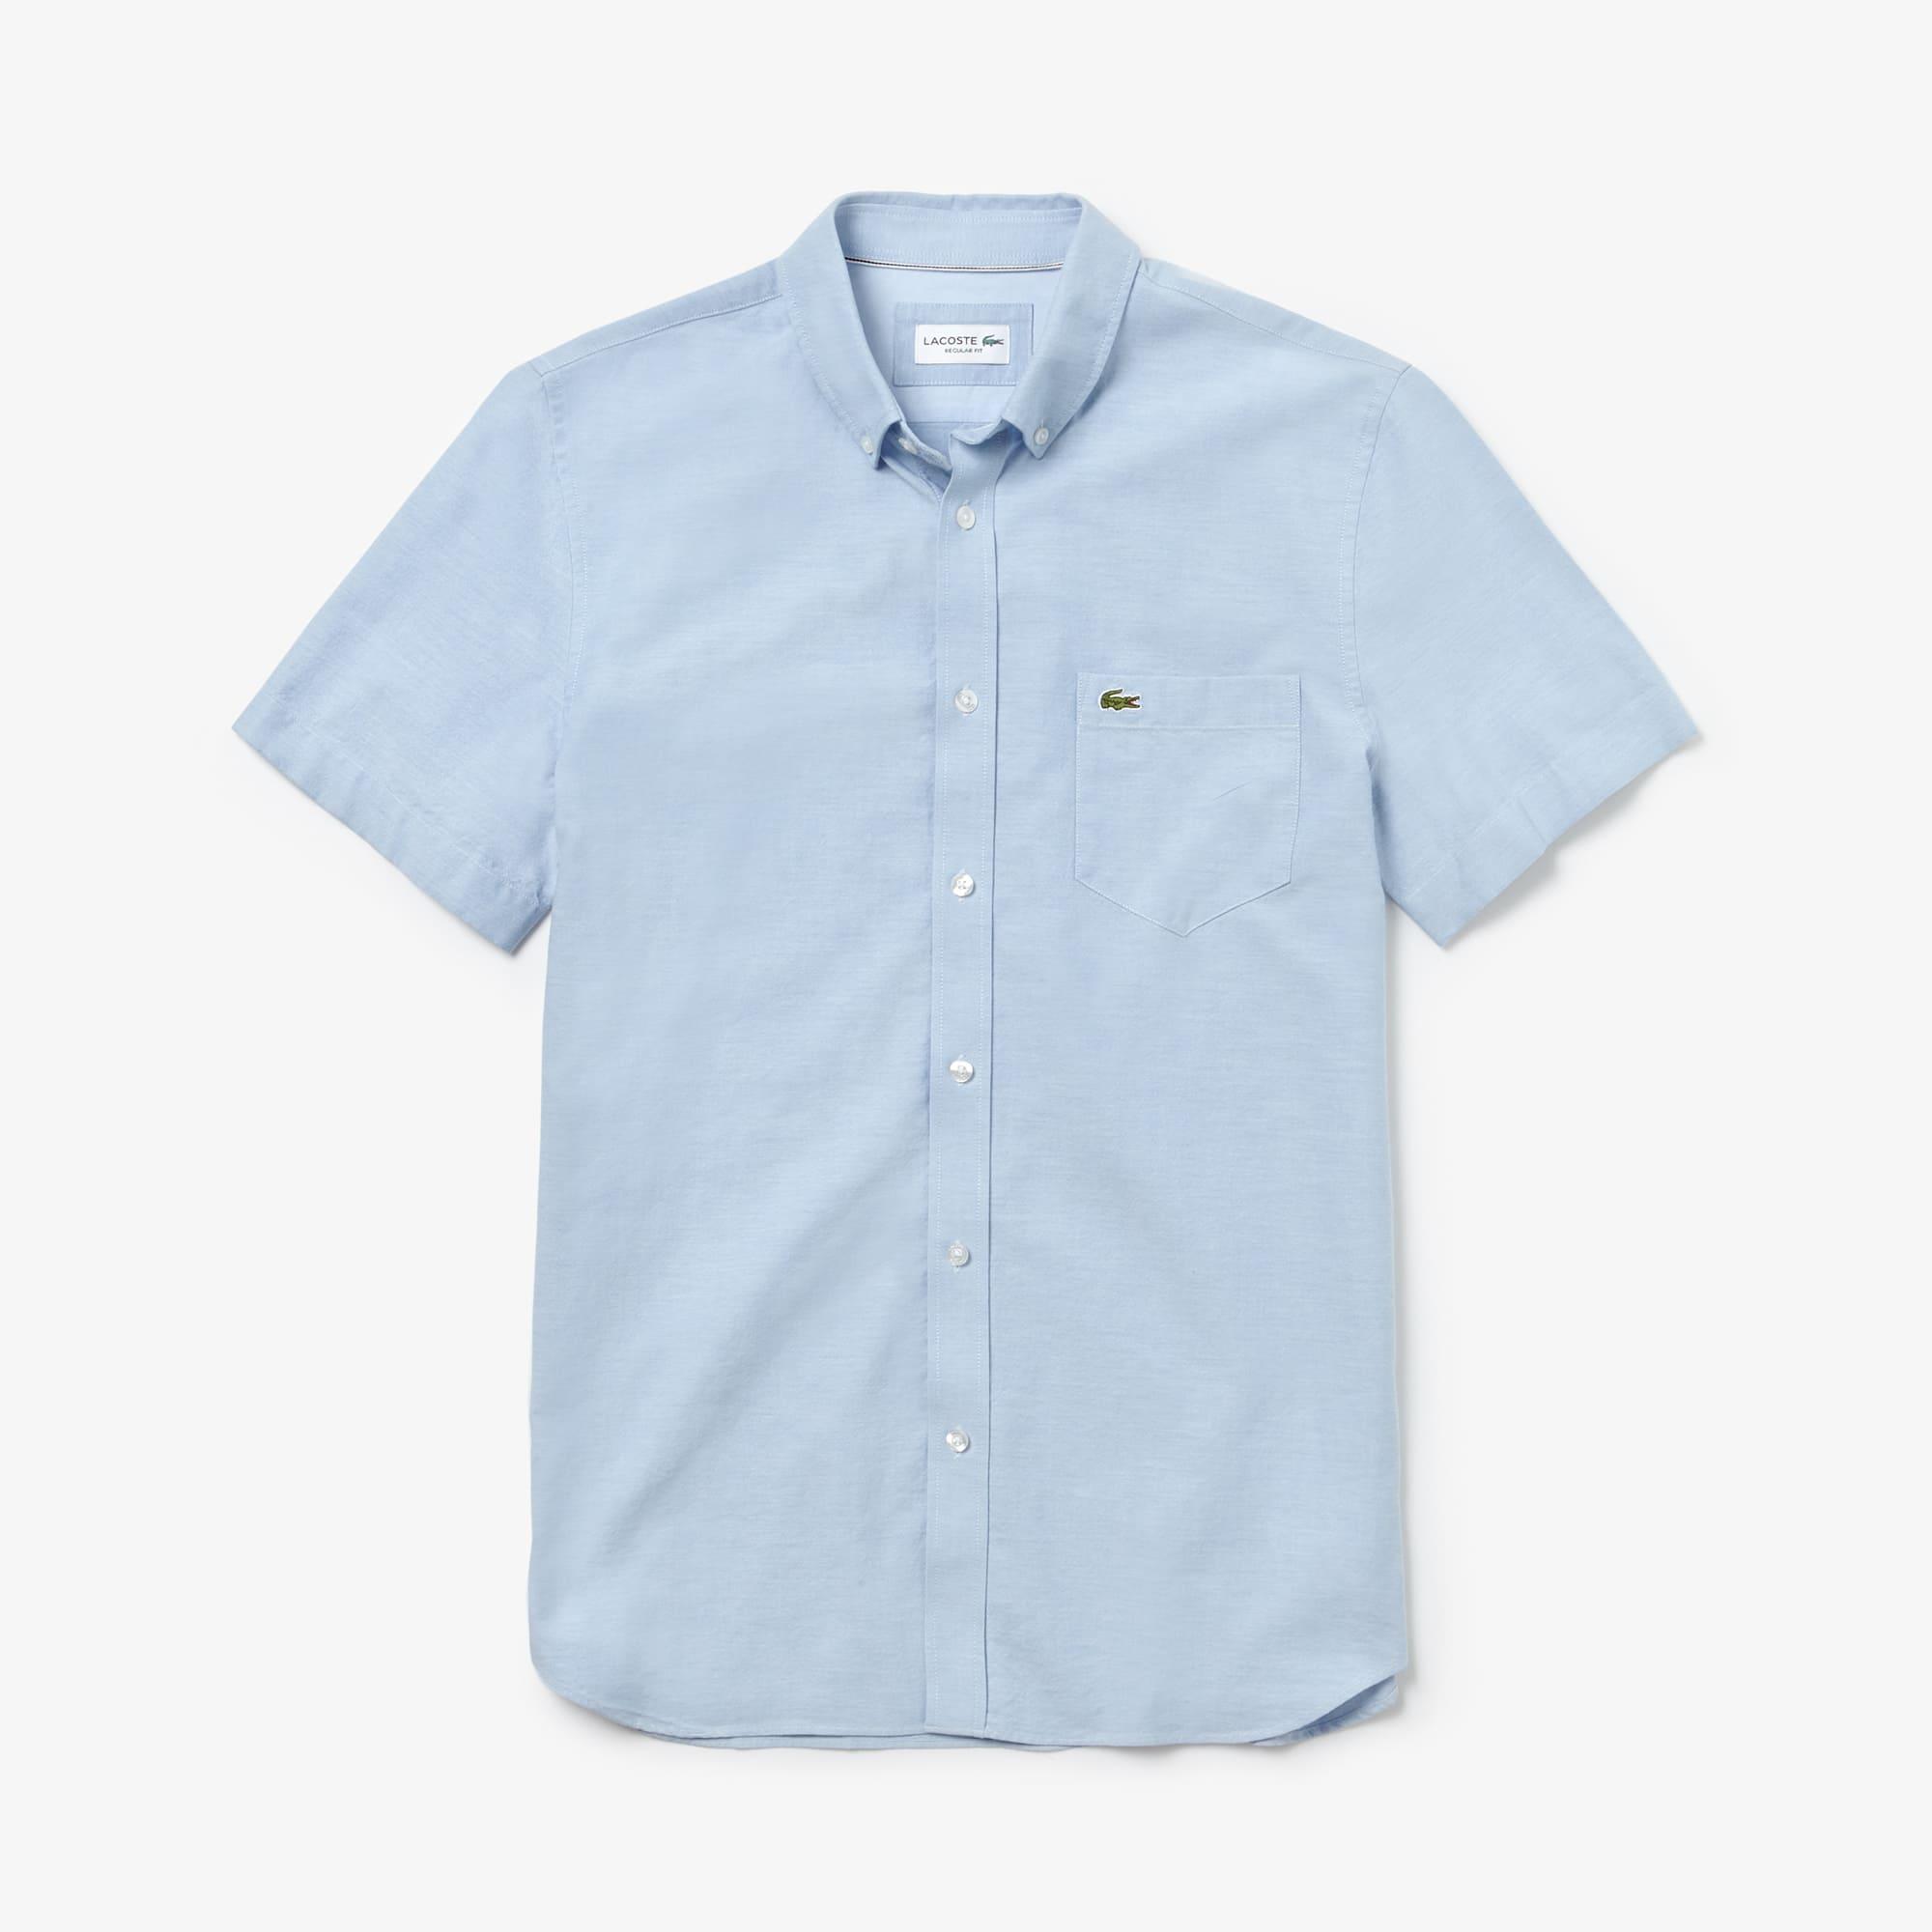 LACOSTE Chemises courtes manches à Vêtements Homme BrF7BfXq8